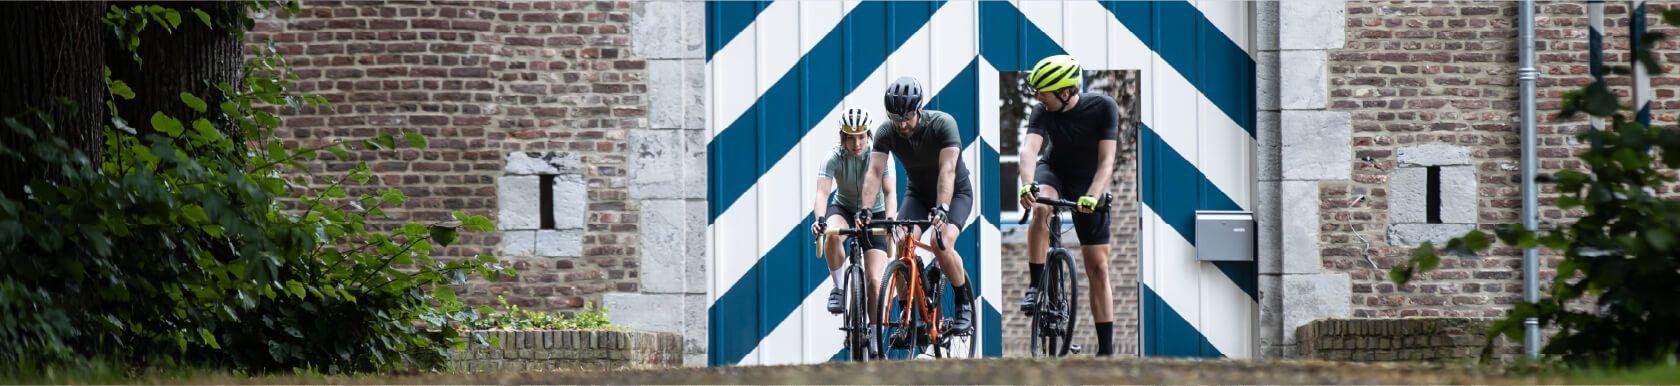 Werden Sie BBB Cycling Händler?